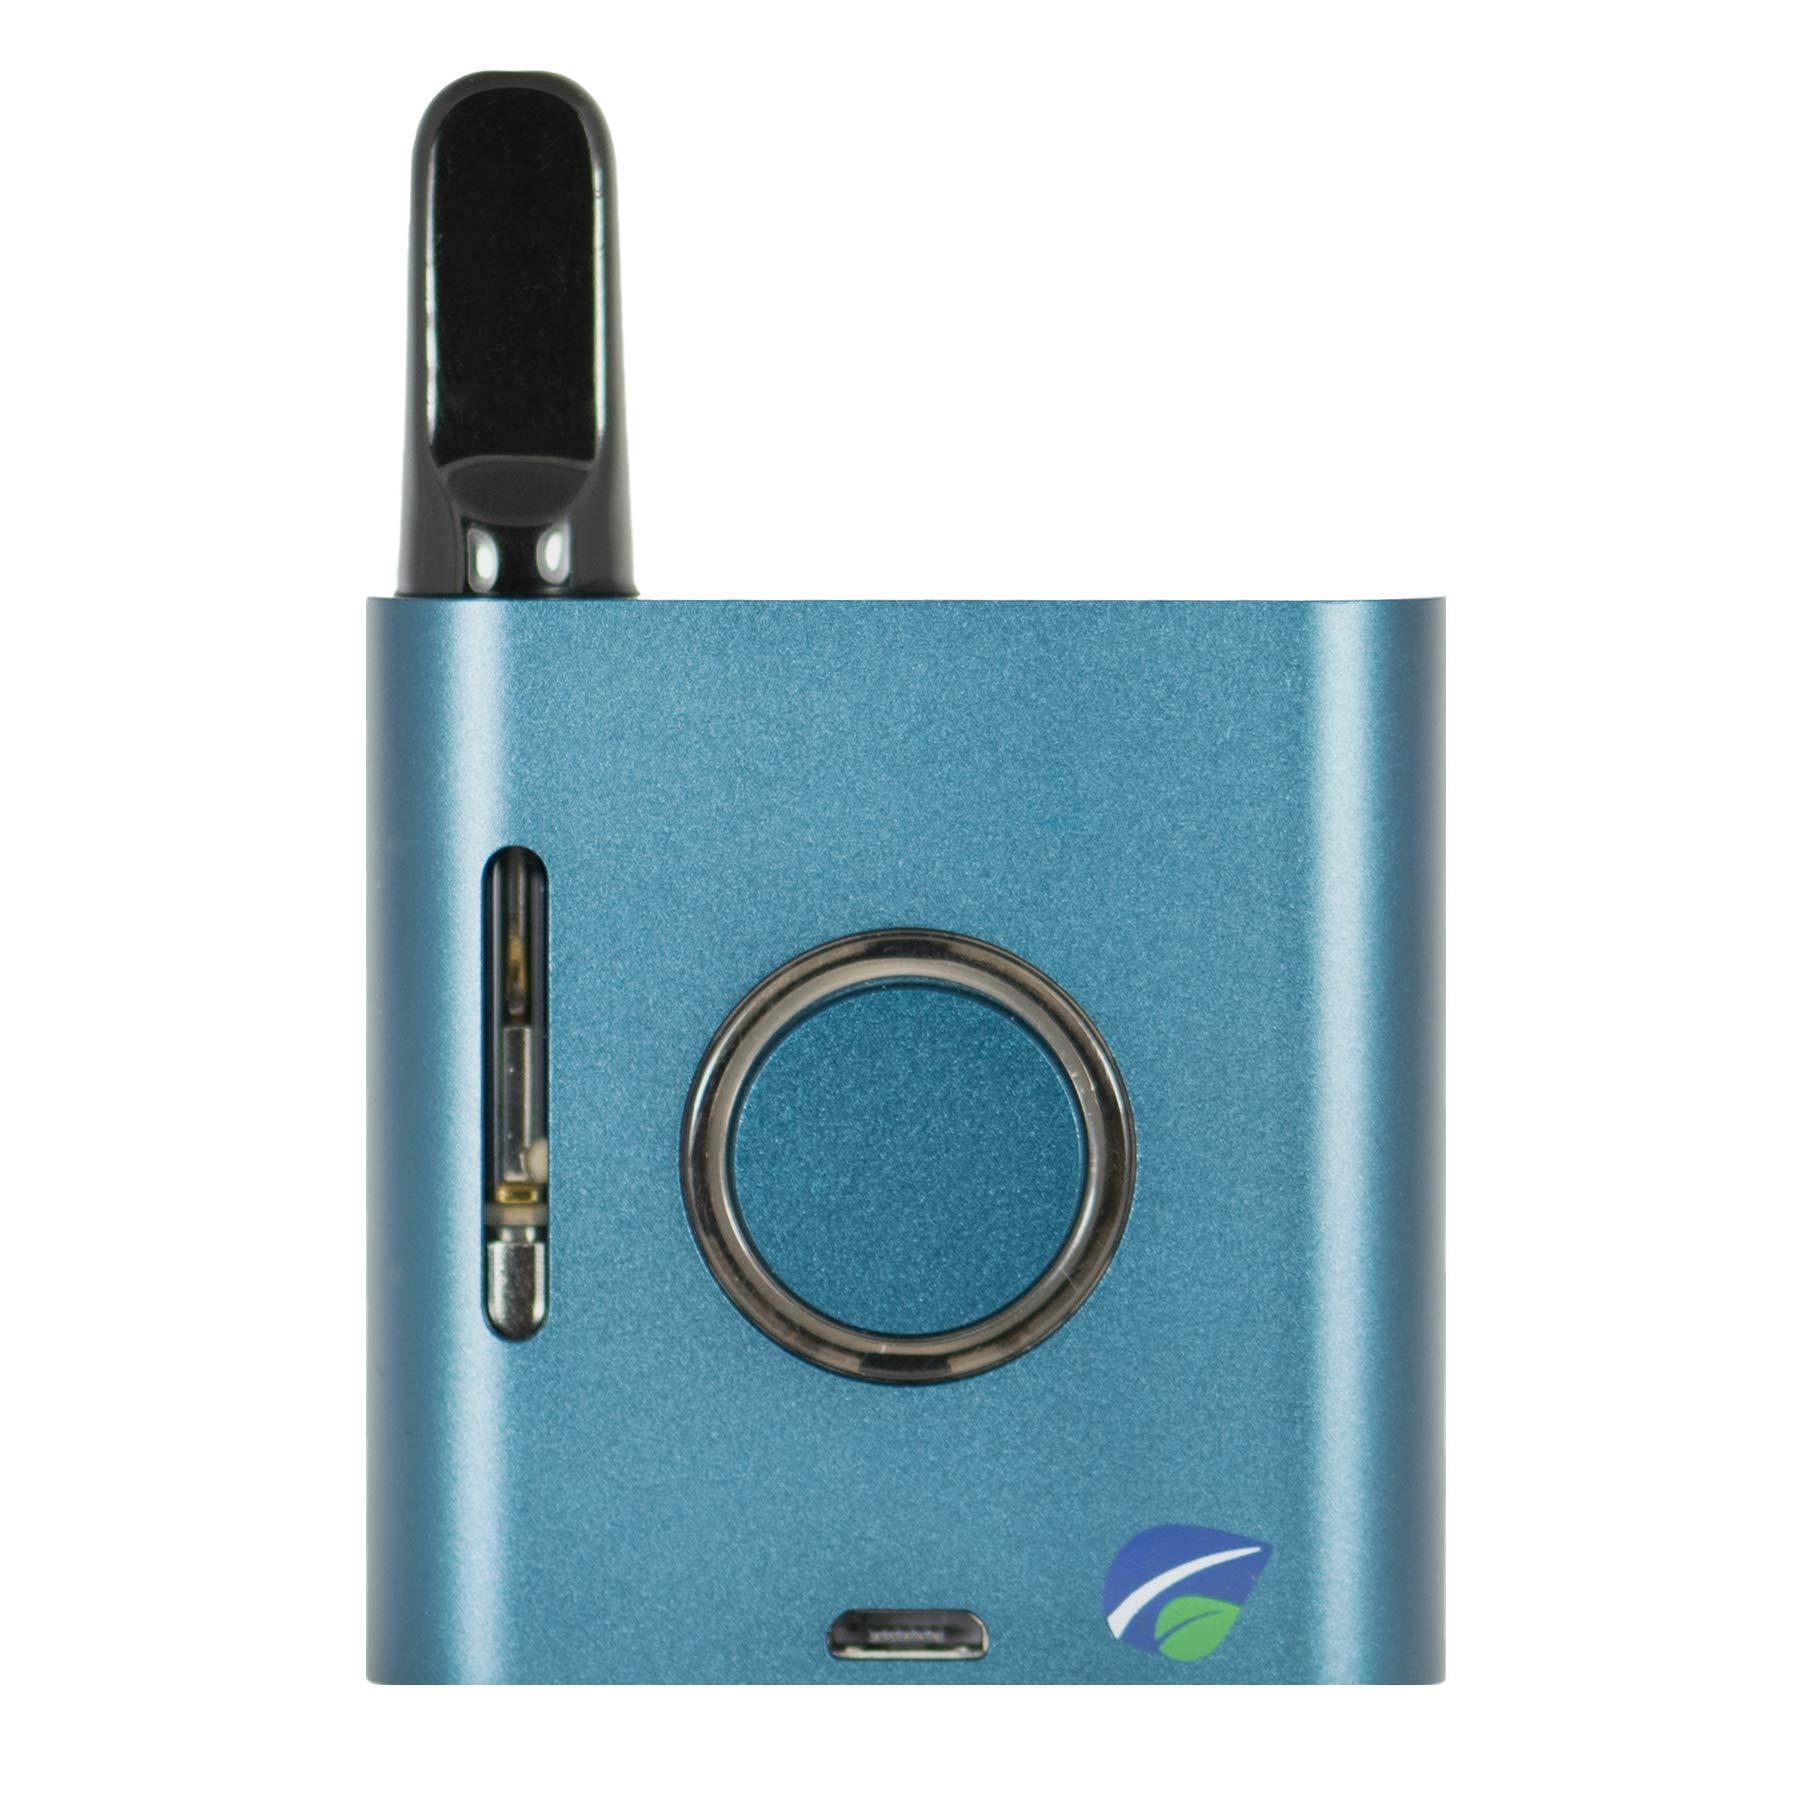 Grö FIVE10 Variable Voltage Pen | Bonus Ring Included (Blue) by Grö